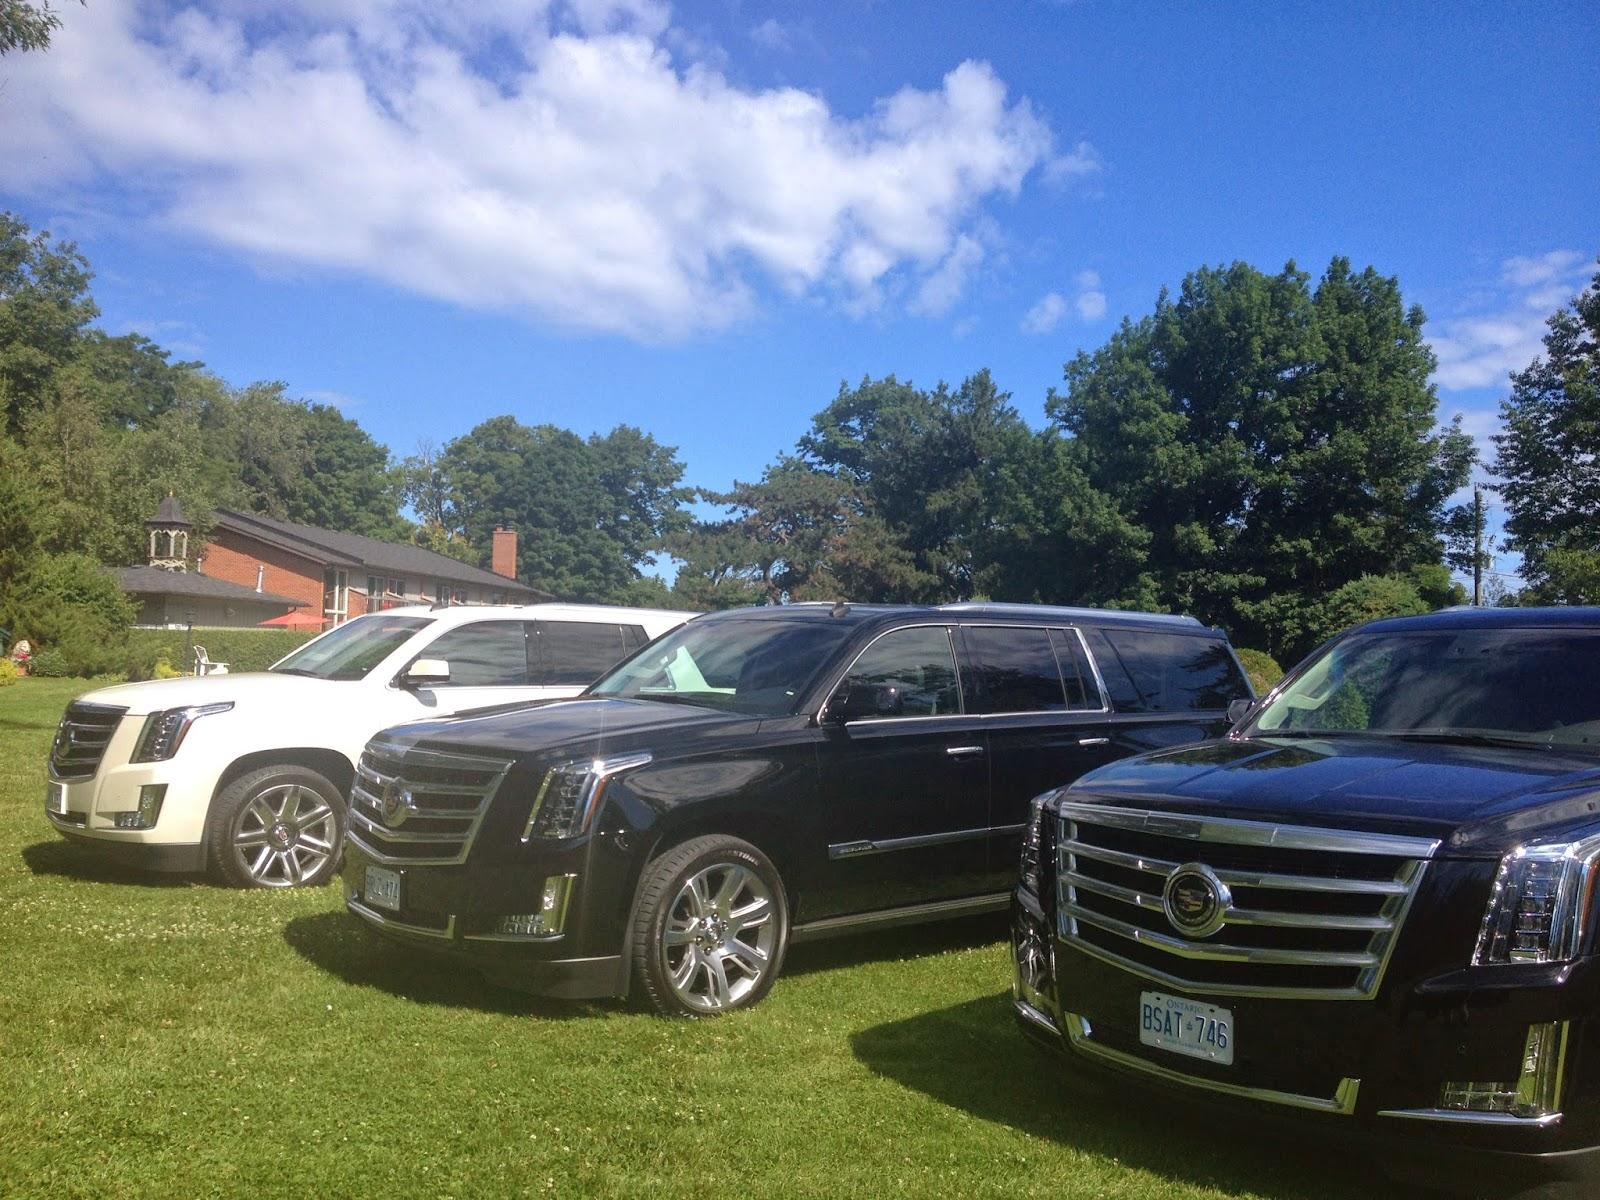 The all new 2015 Cadillac Escalade